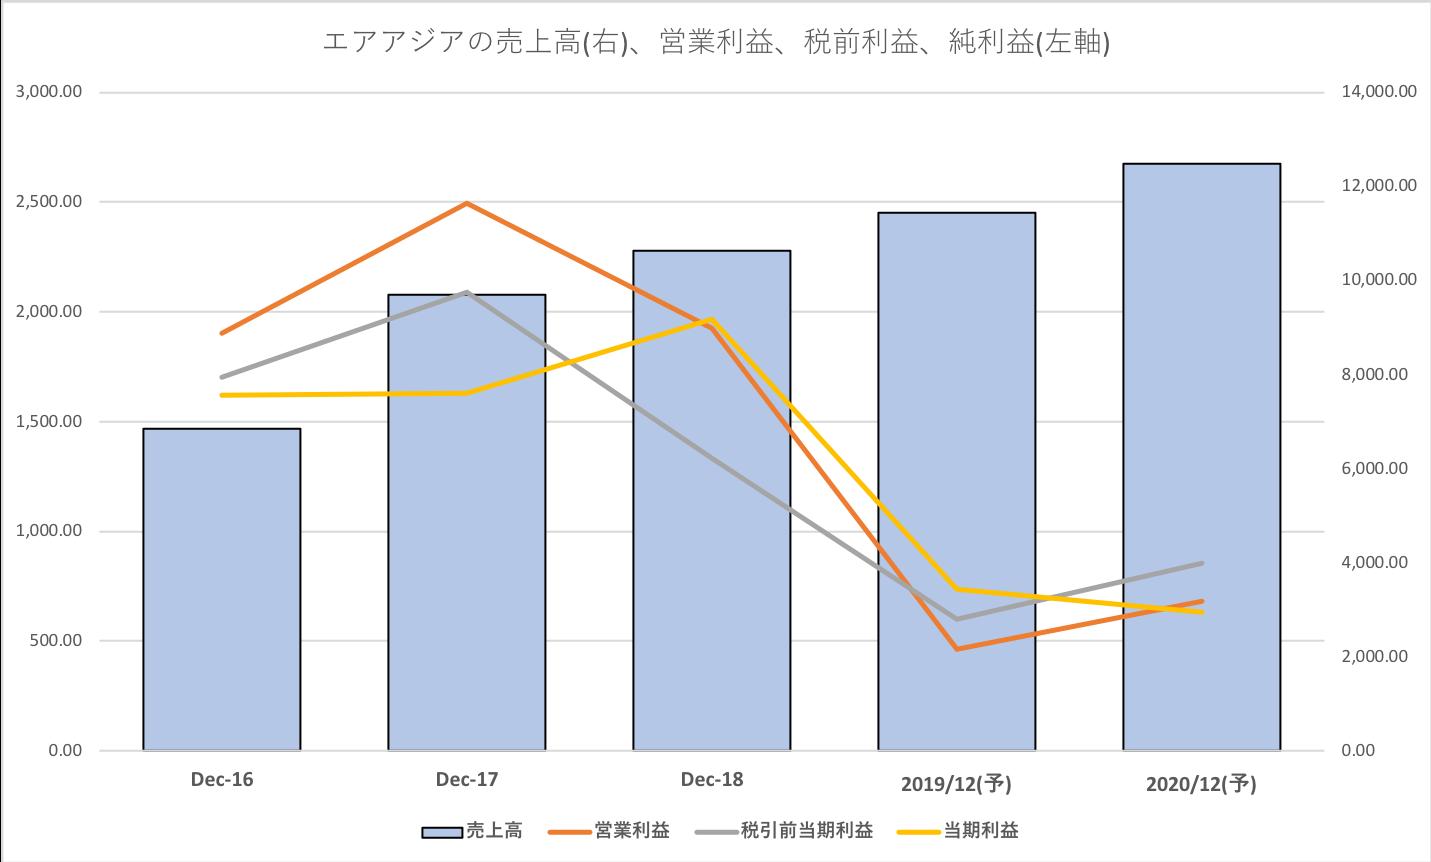 エアアジアの業績推移